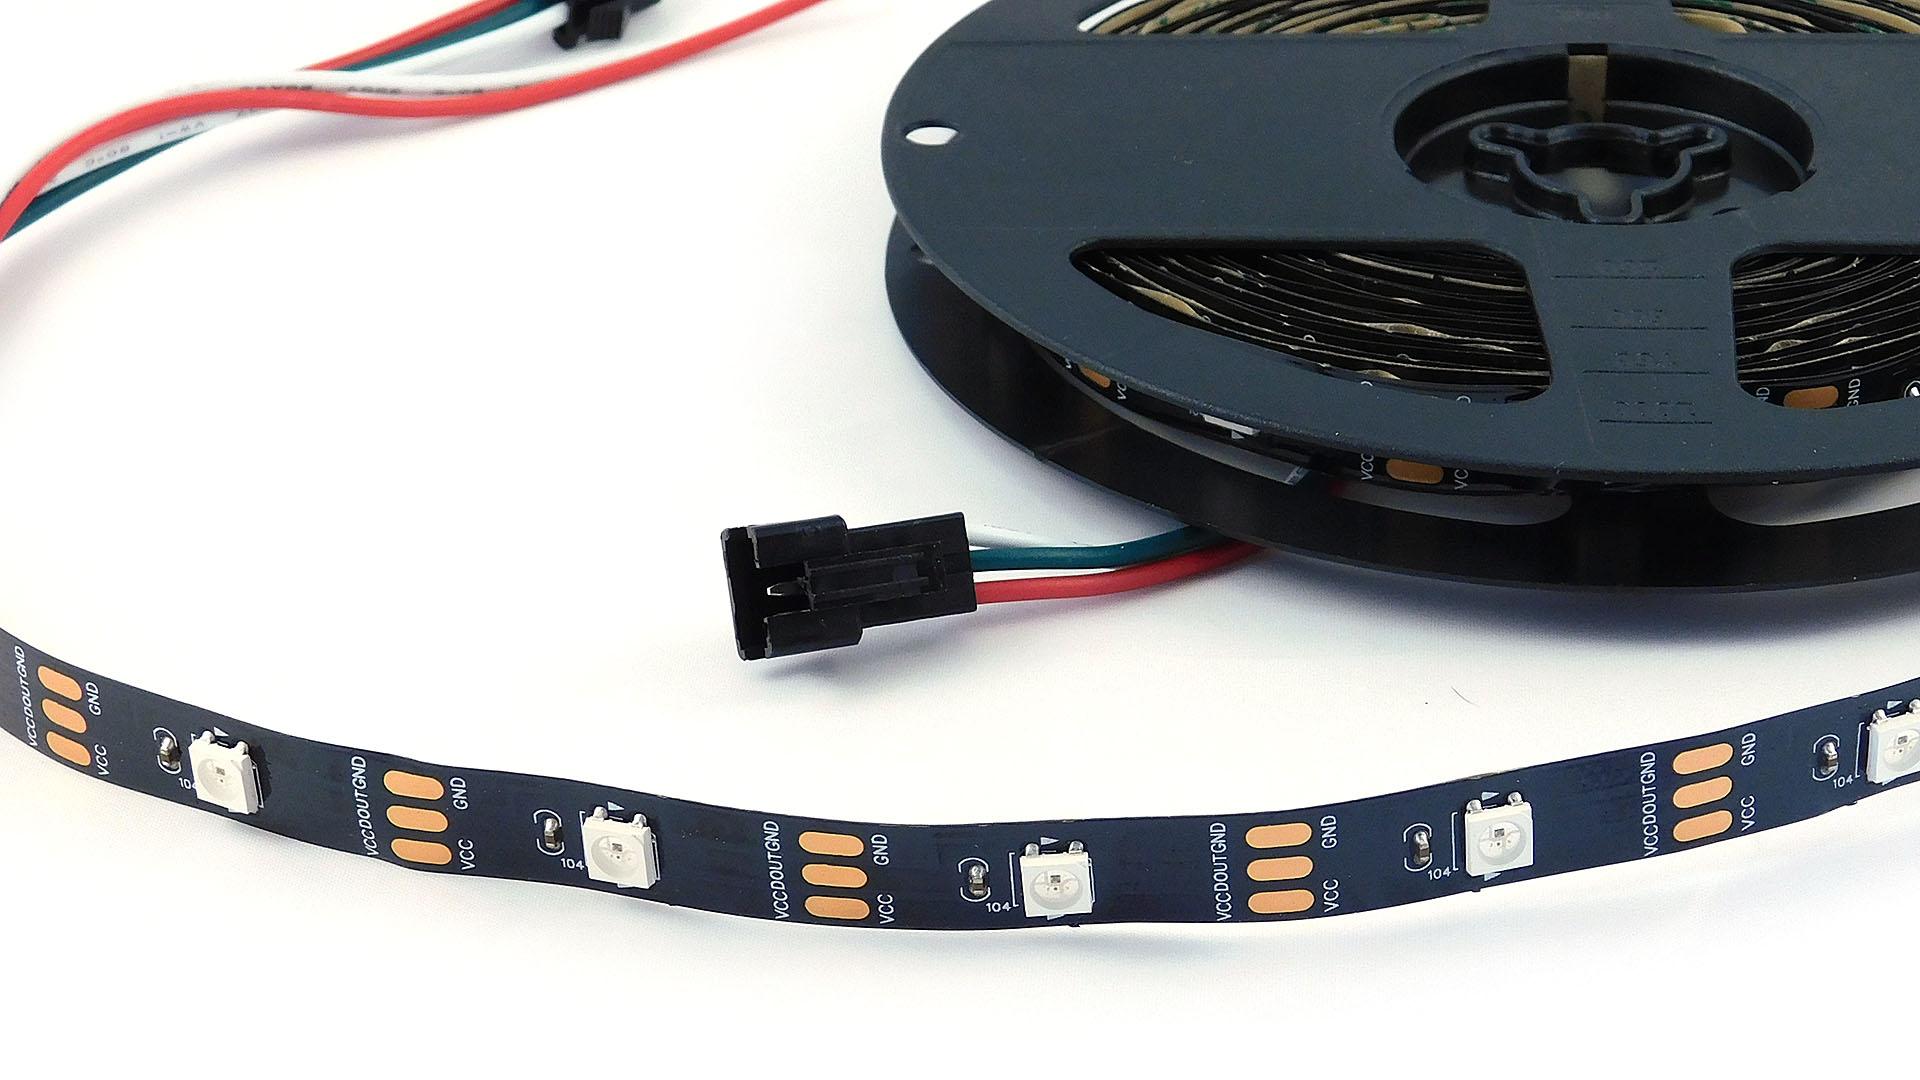 Nettigo Led Strip Rgb Ws2812b 5v Black 30 M Ip30 Flasher